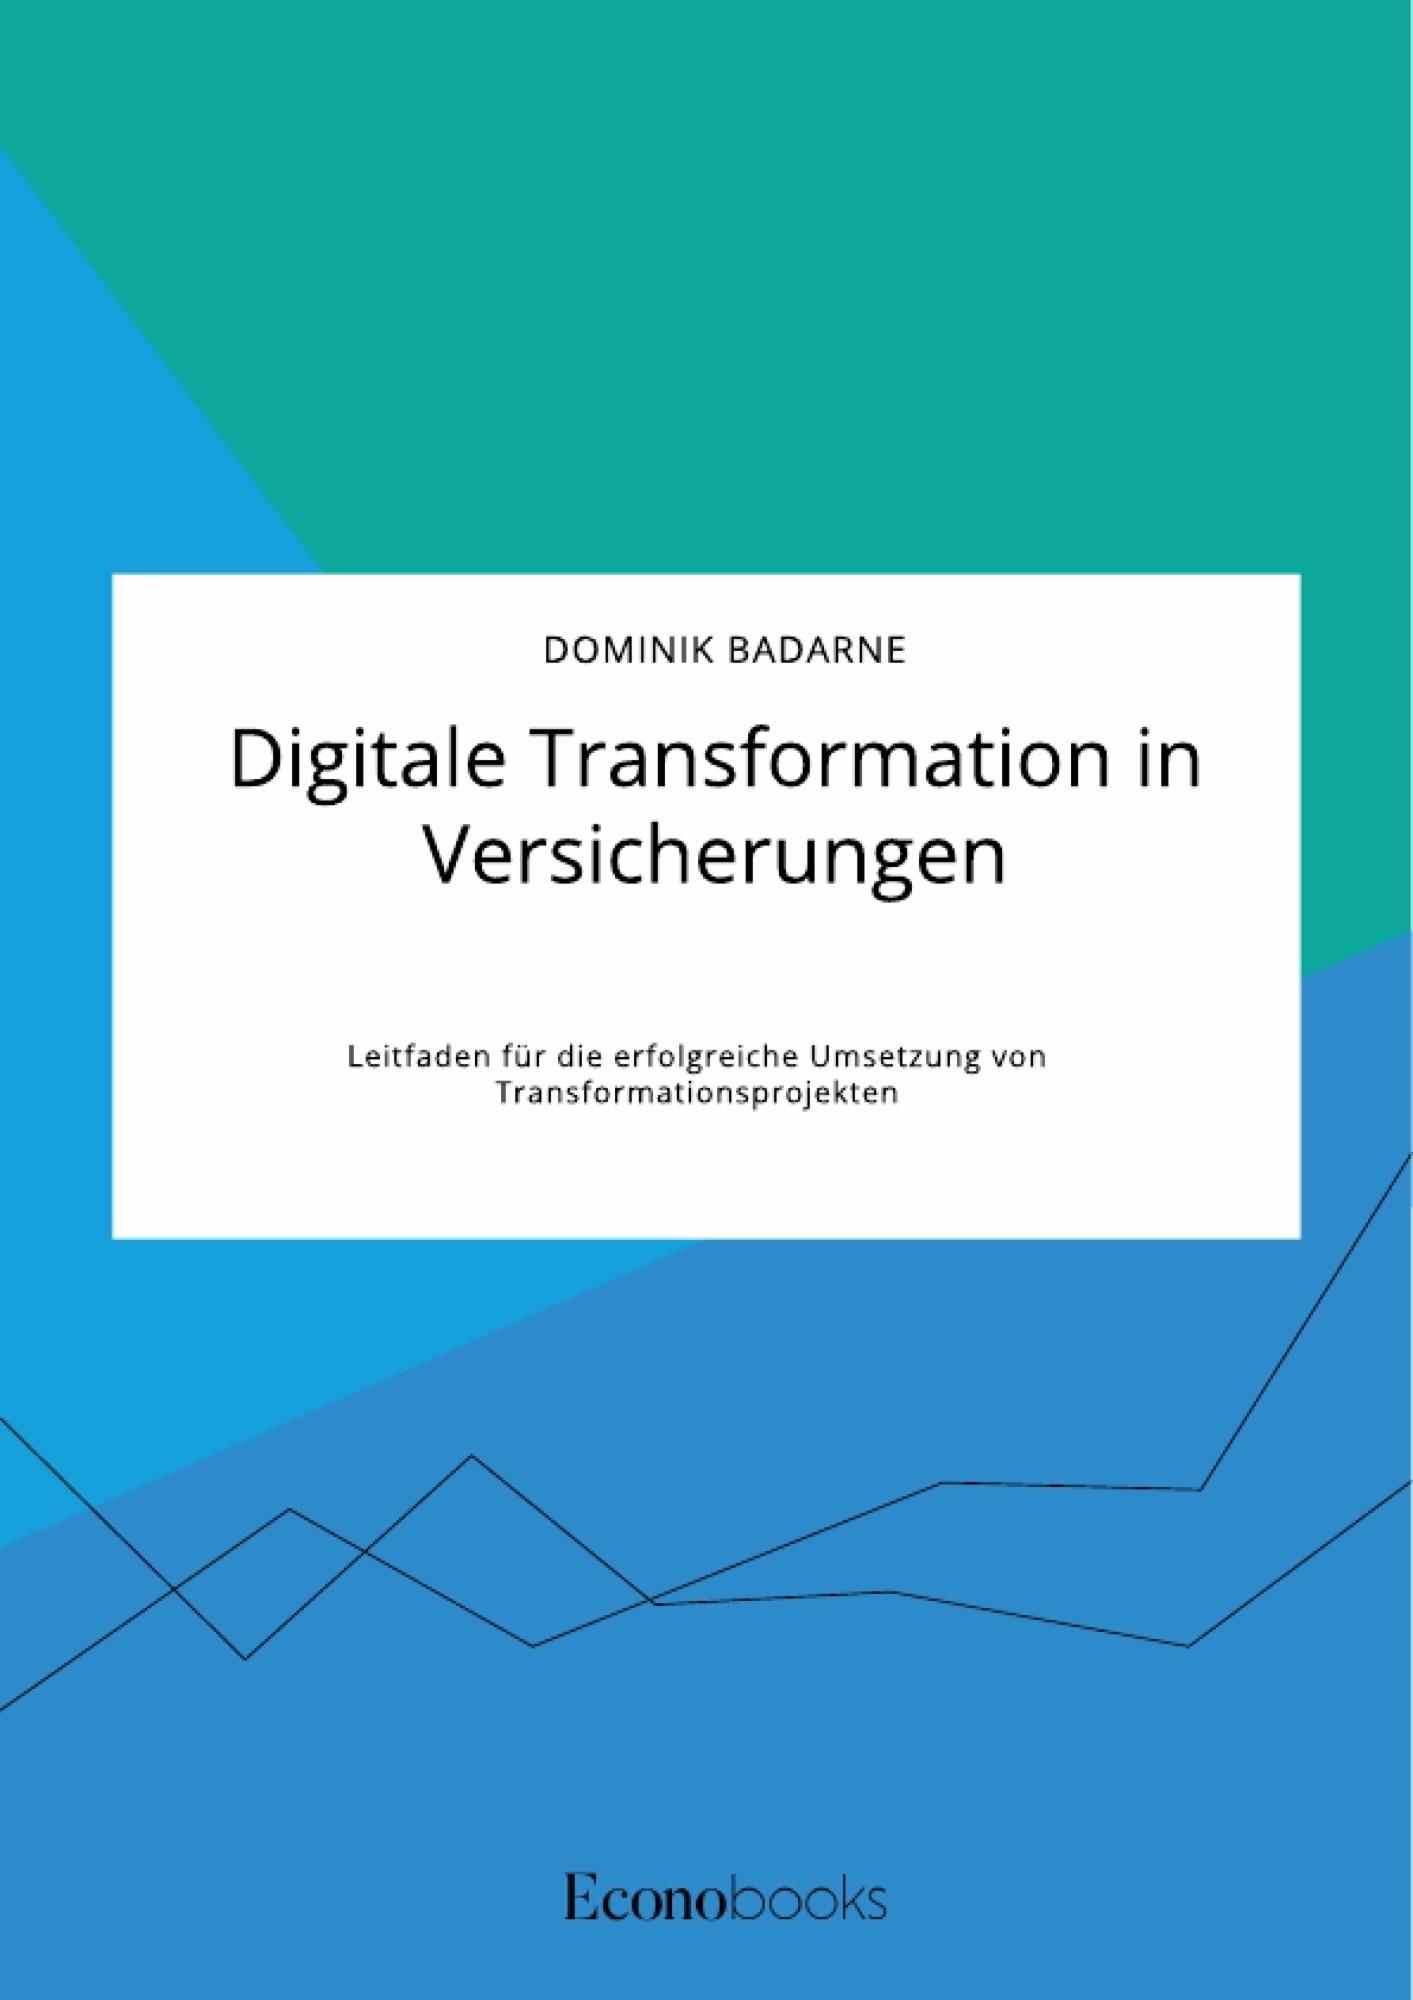 Titel: Digitale Transformation in Versicherungen. Leitfaden für die erfolgreiche Umsetzung von Transformationsprojekten